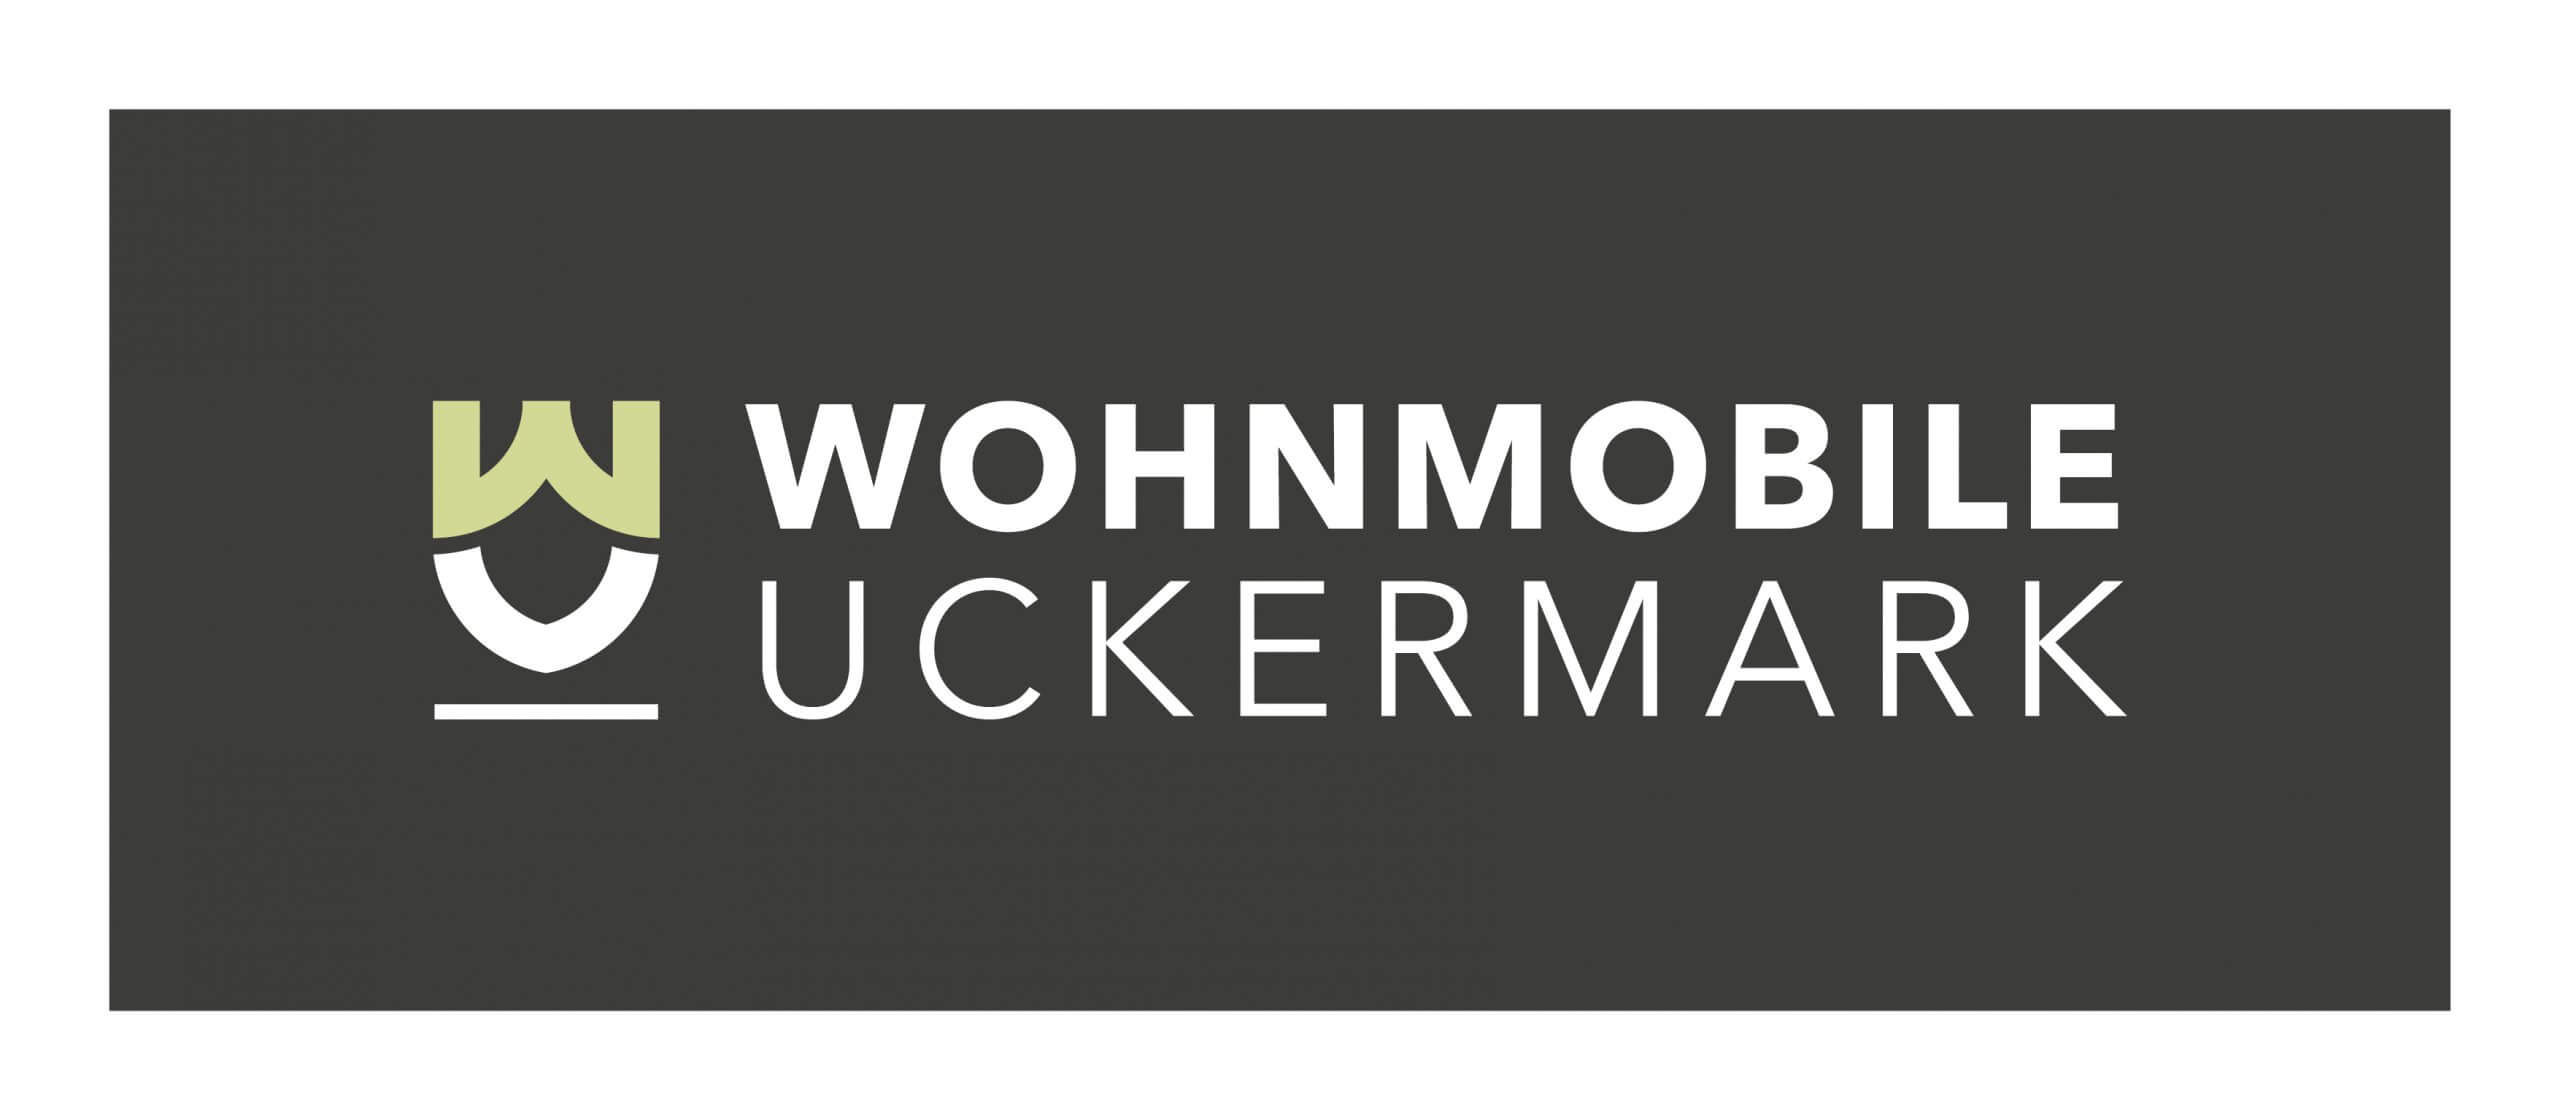 Wohnmobile Uckermark Wohnmobilvermietung Brandenburg